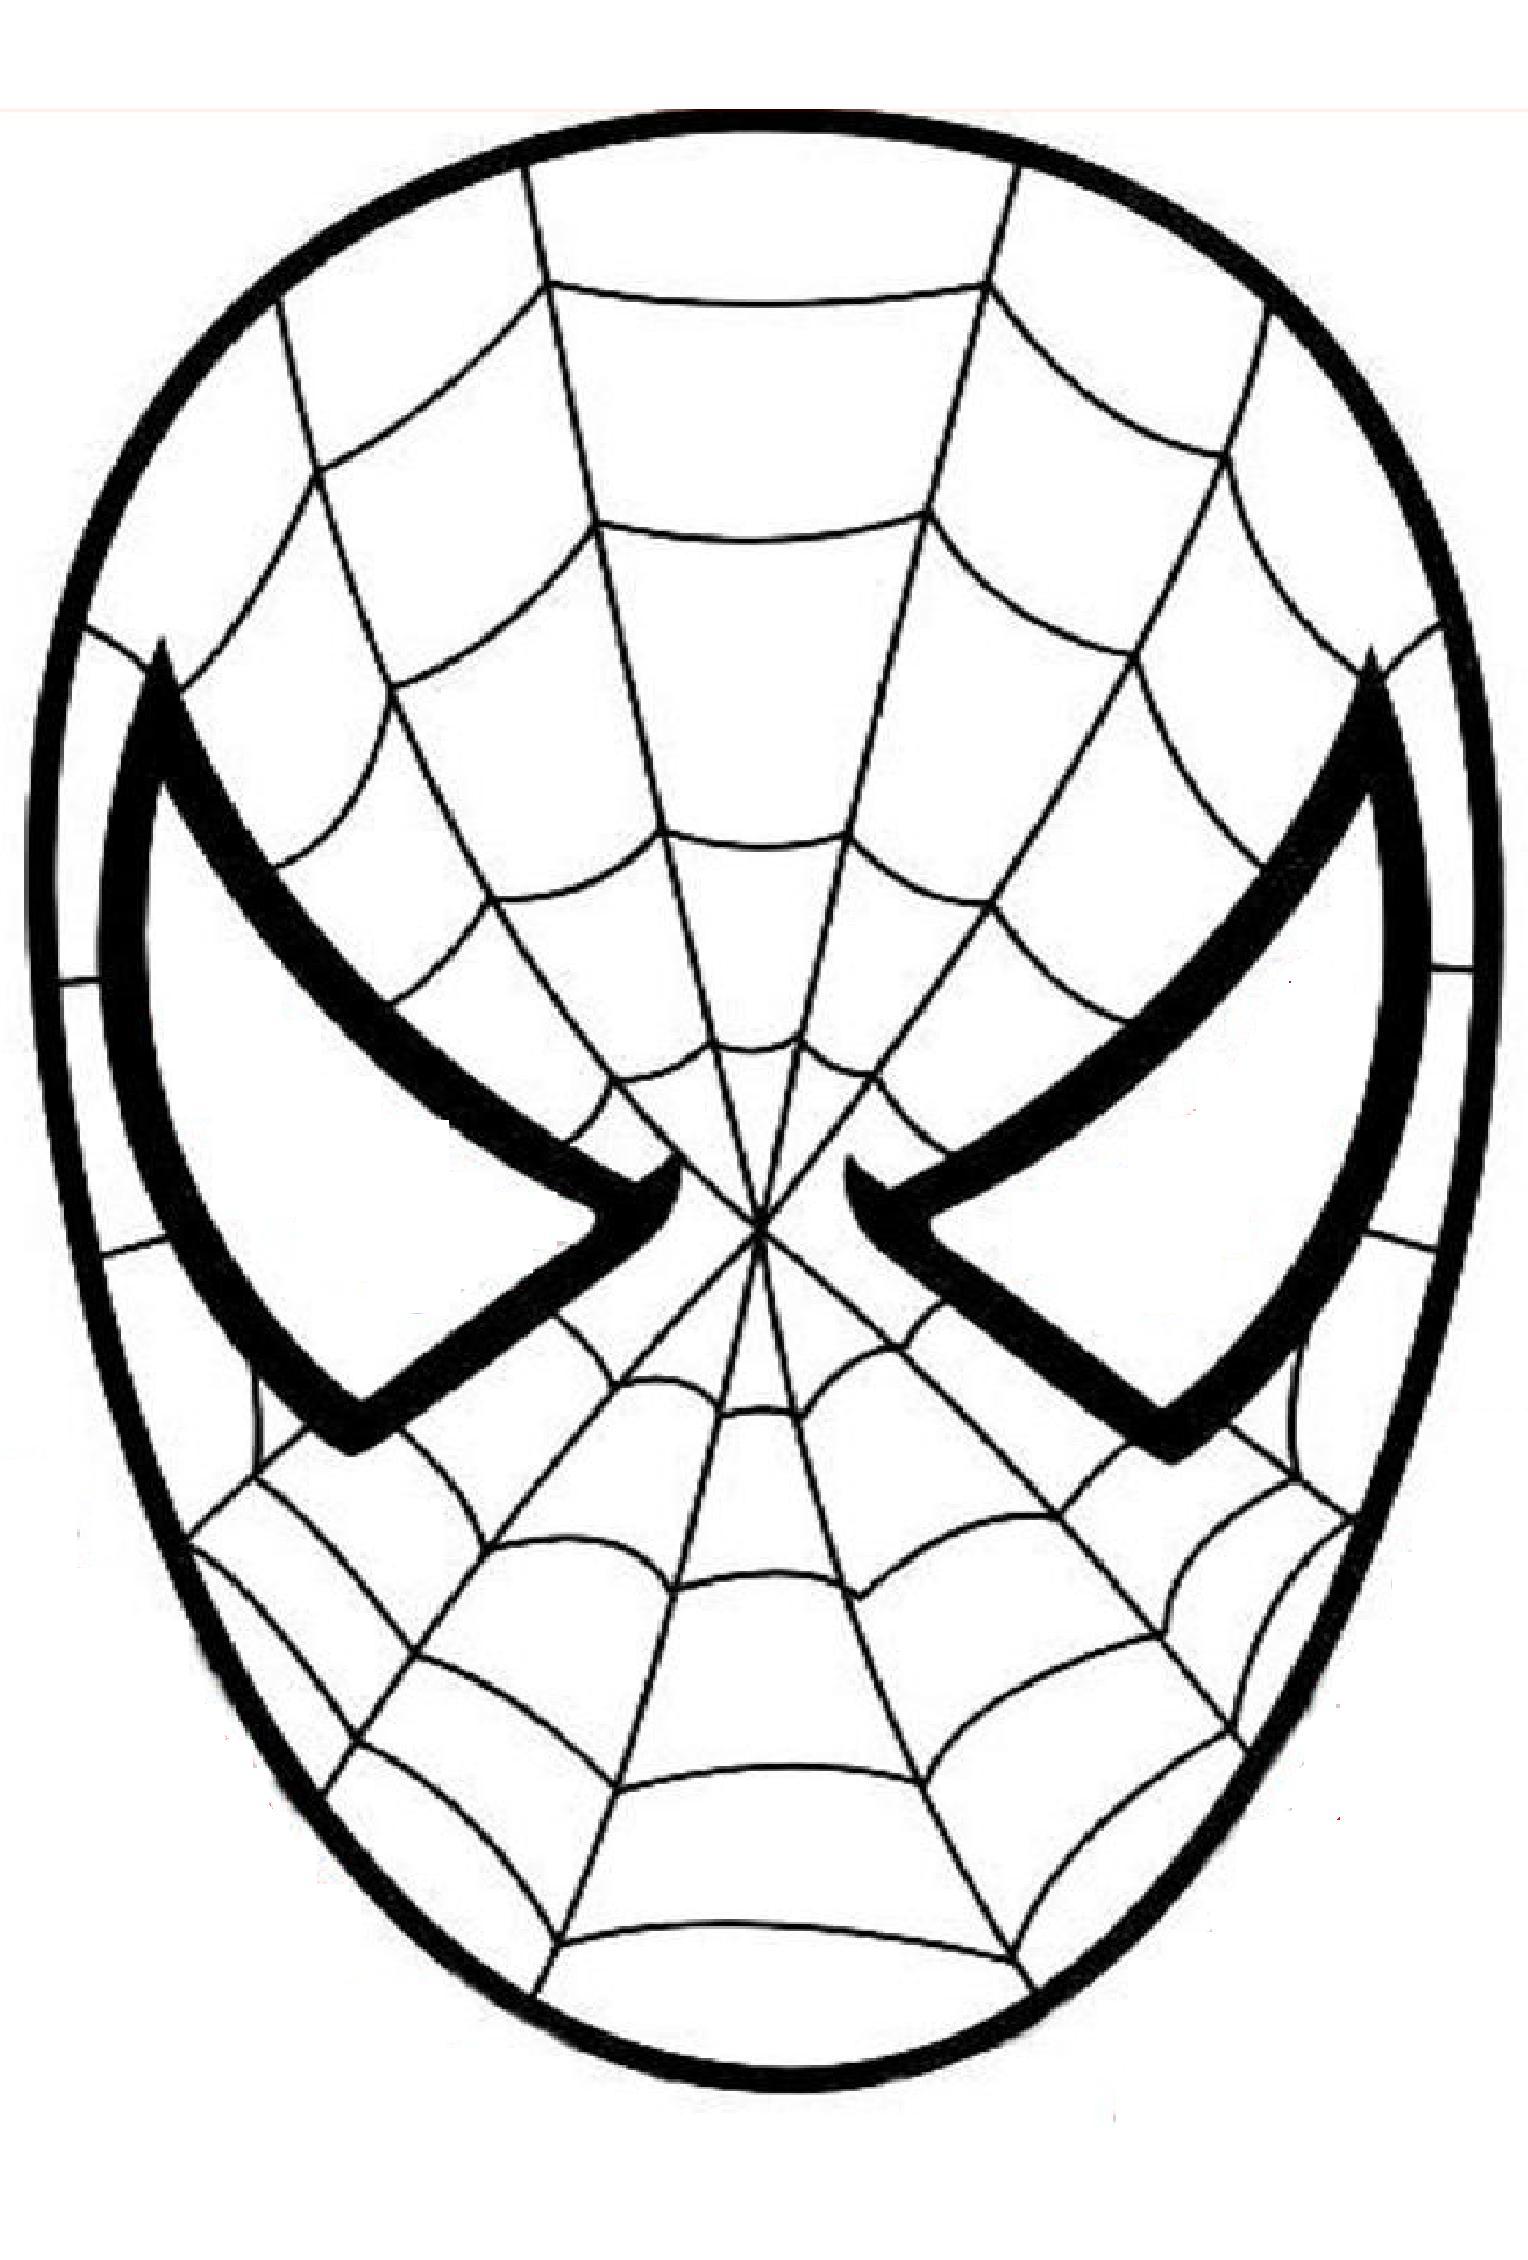 Masque Spiderman A Colorier Découpage A Imprimer intérieur Tete Spiderman A Imprimer